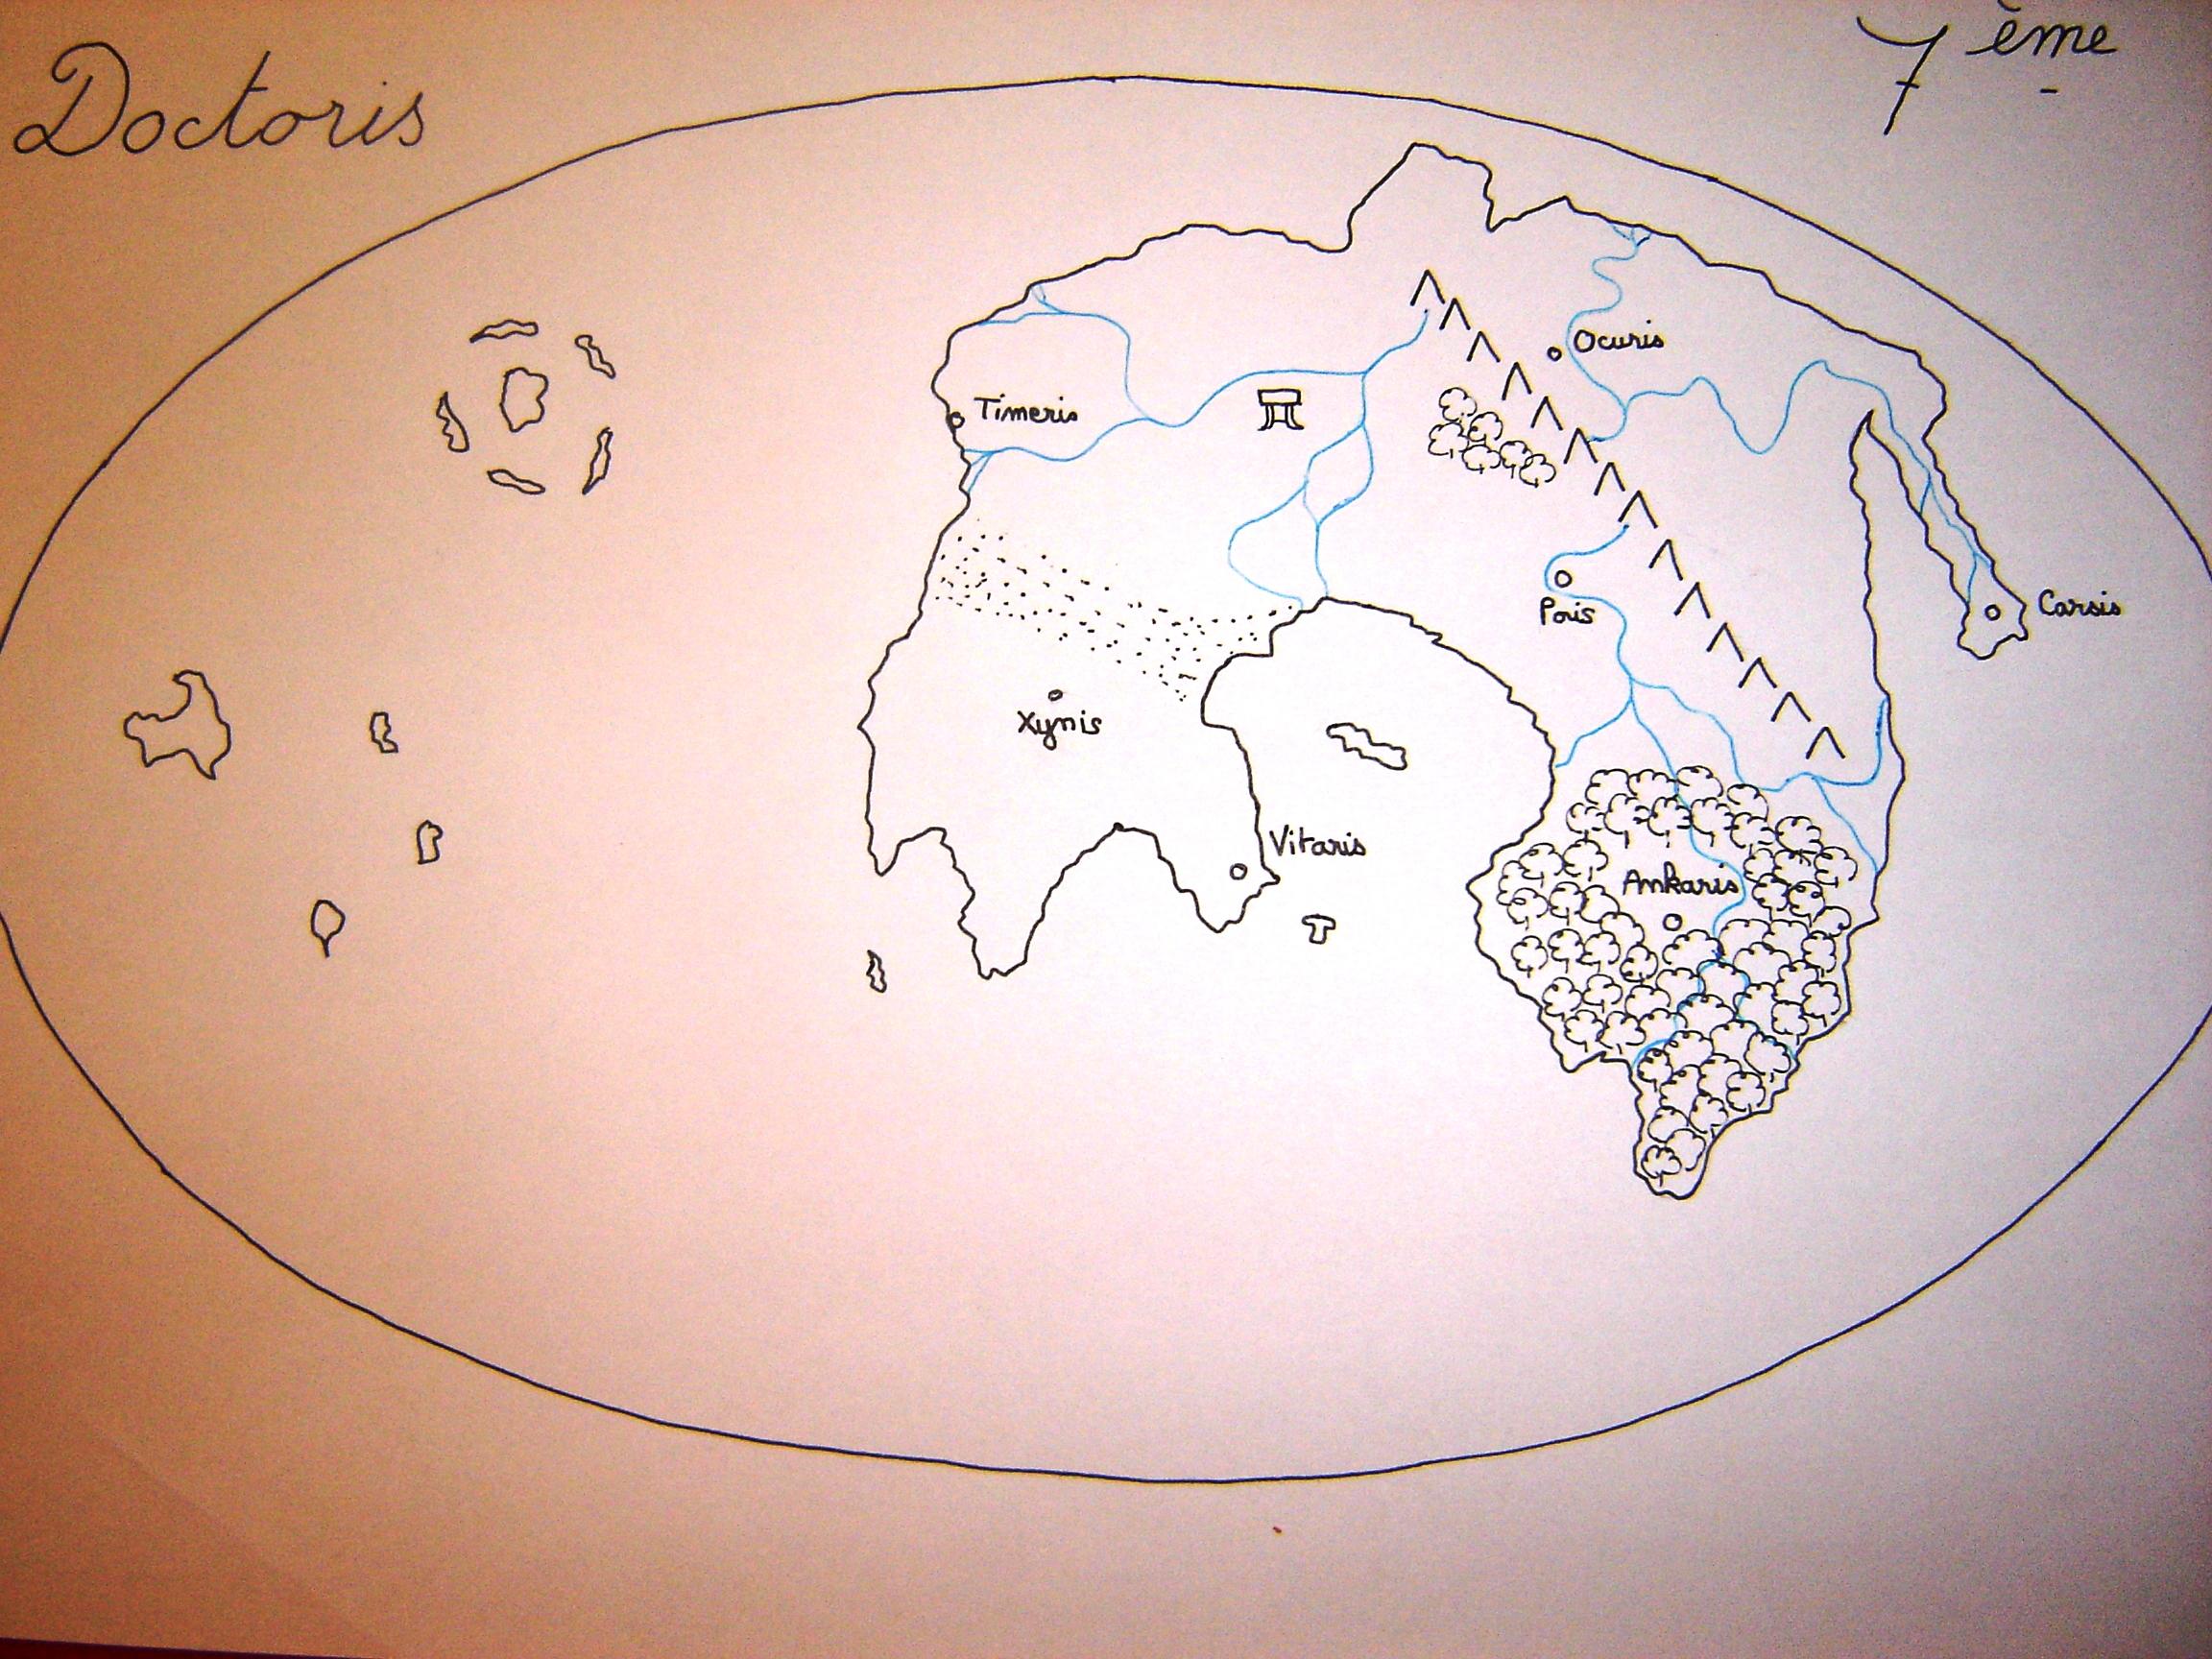 7 eme royaume villes